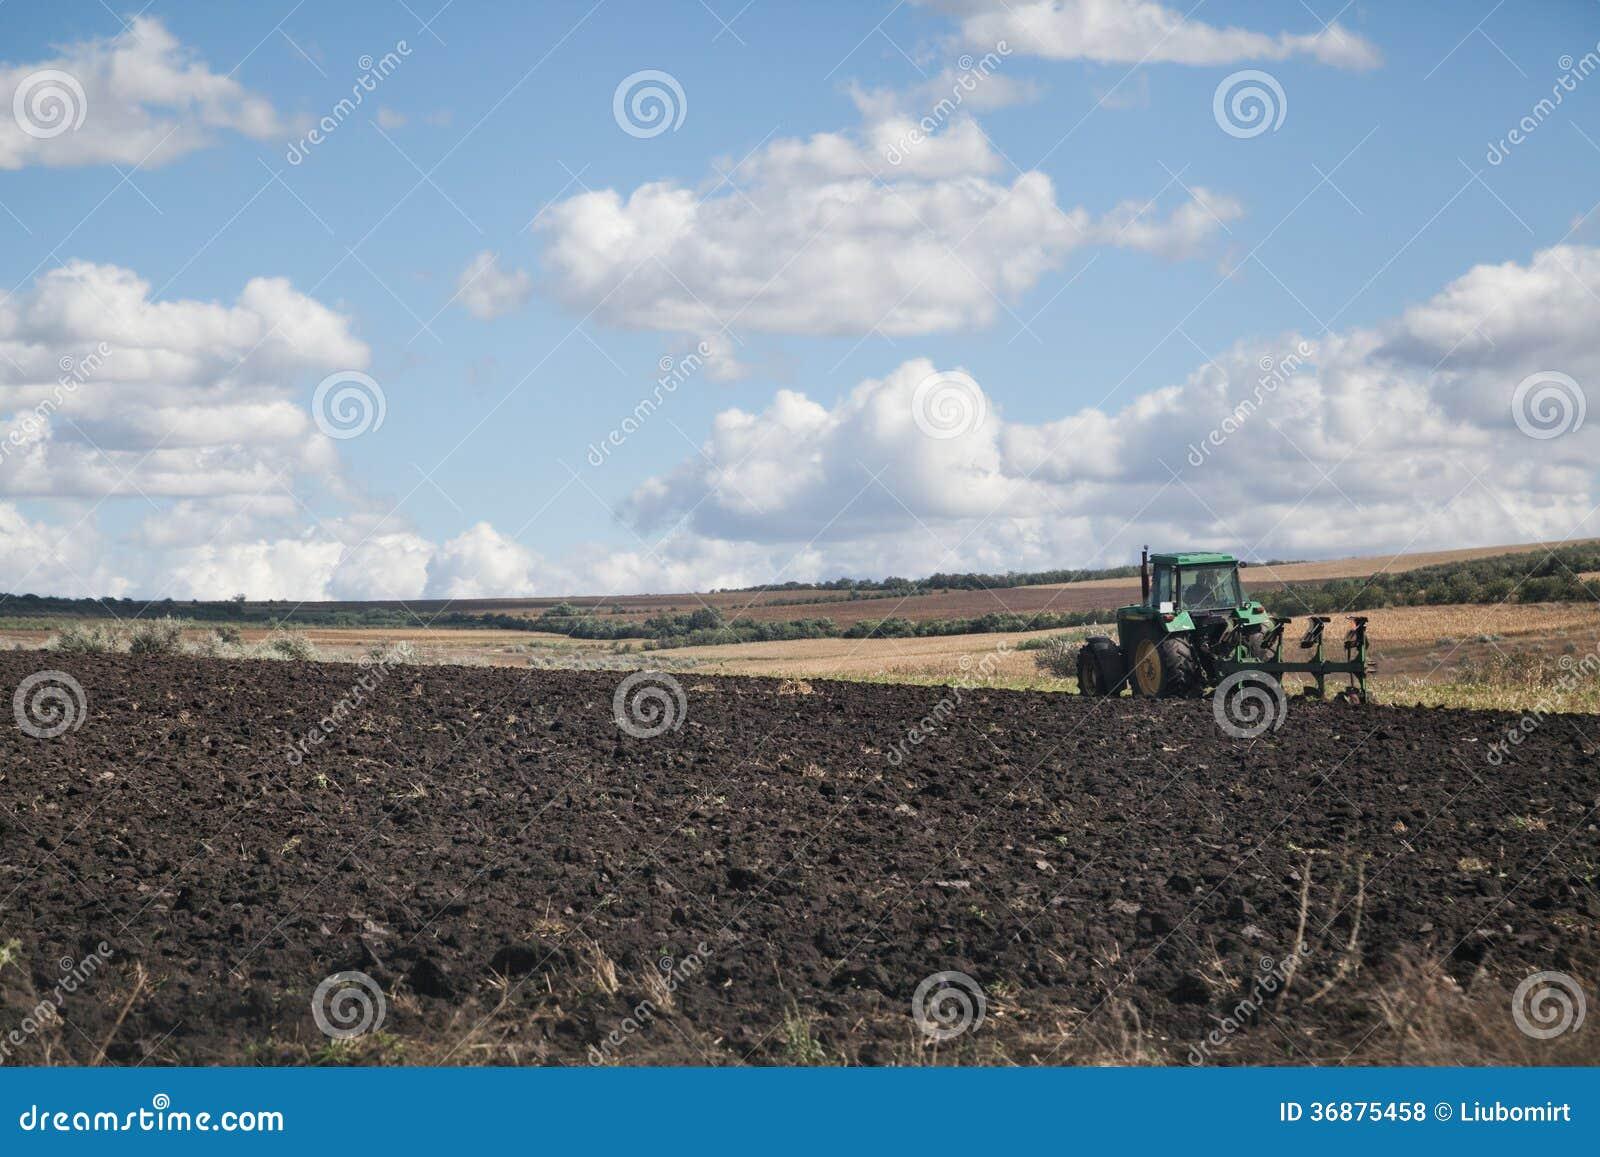 Download Aratura del trattore fotografia stock. Immagine di agricoltura - 36875458